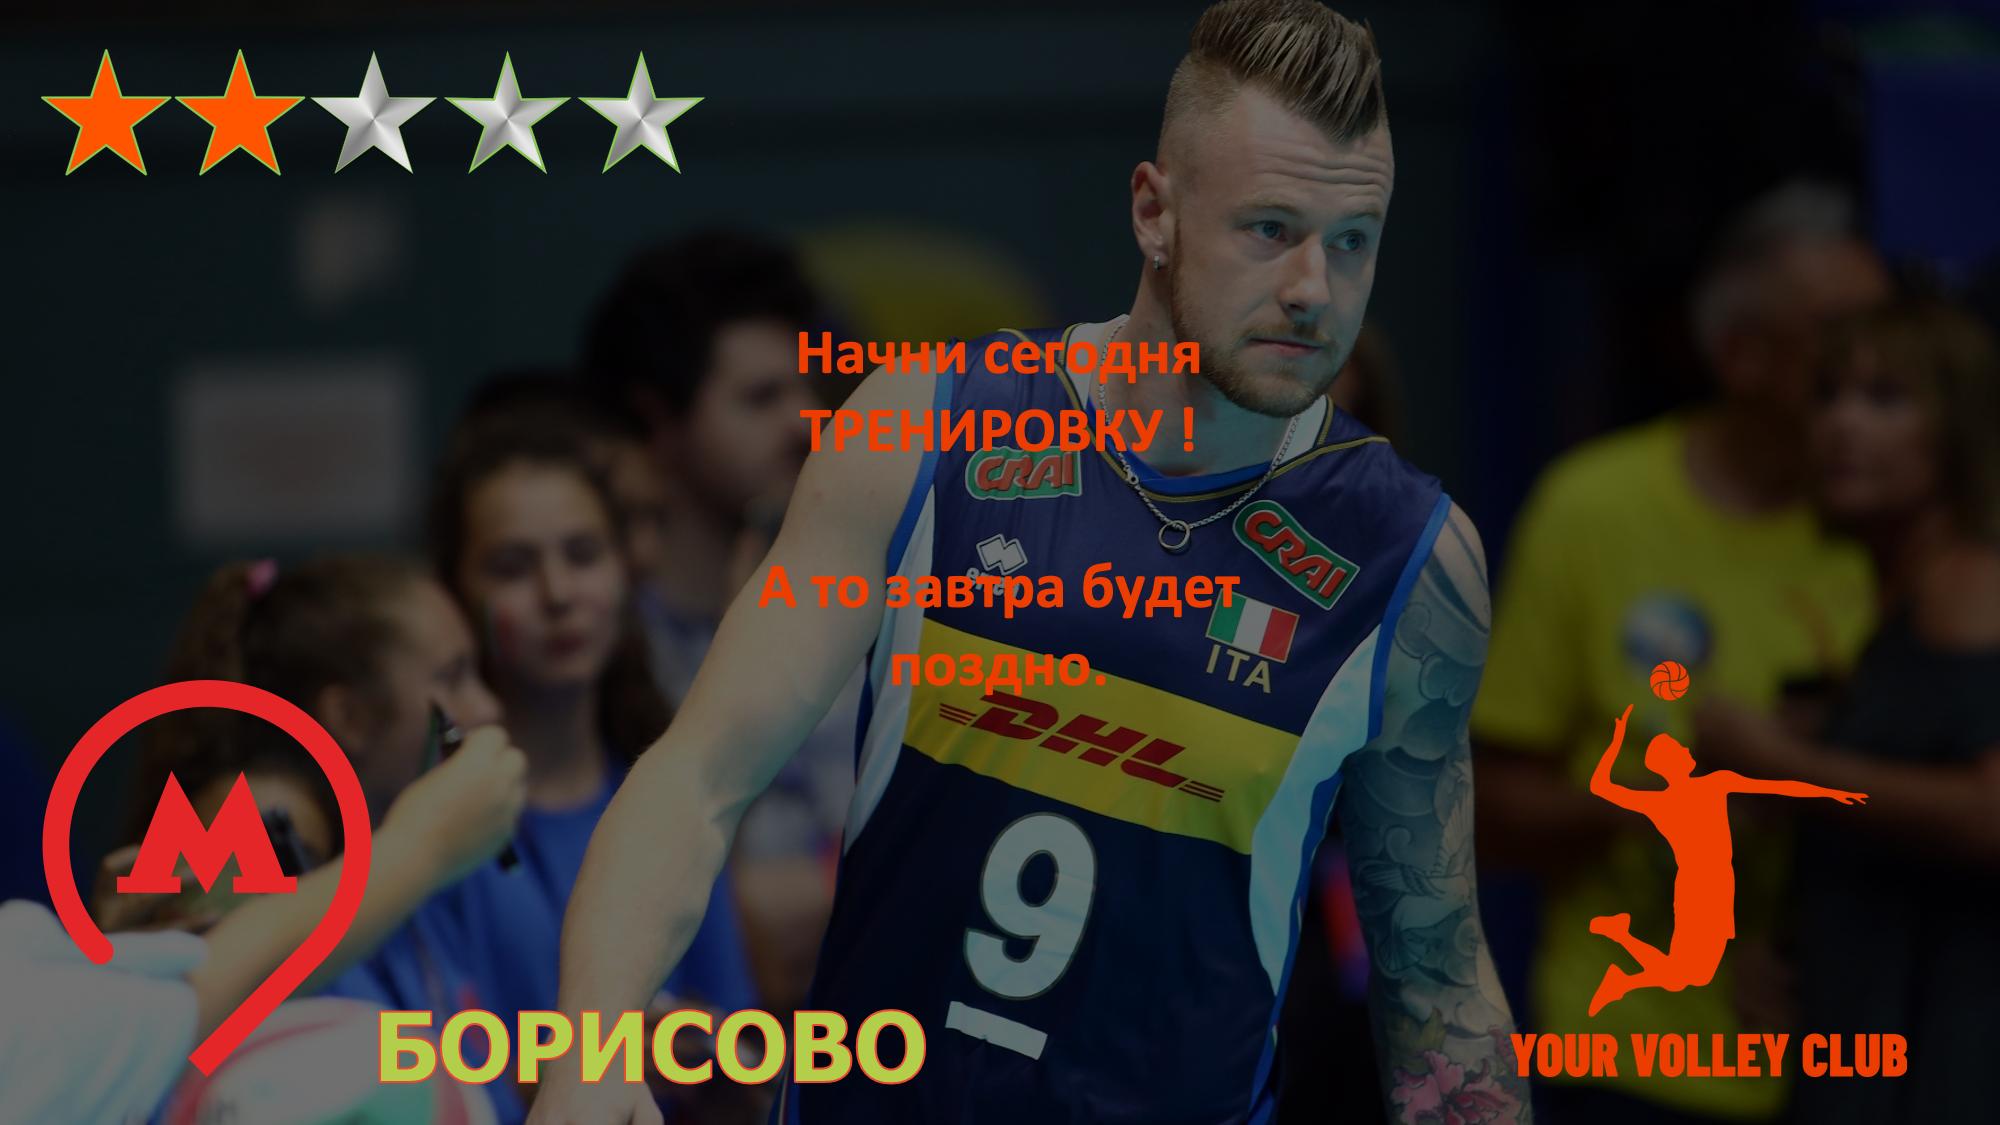 Борисово СРЕДА - Тренировка